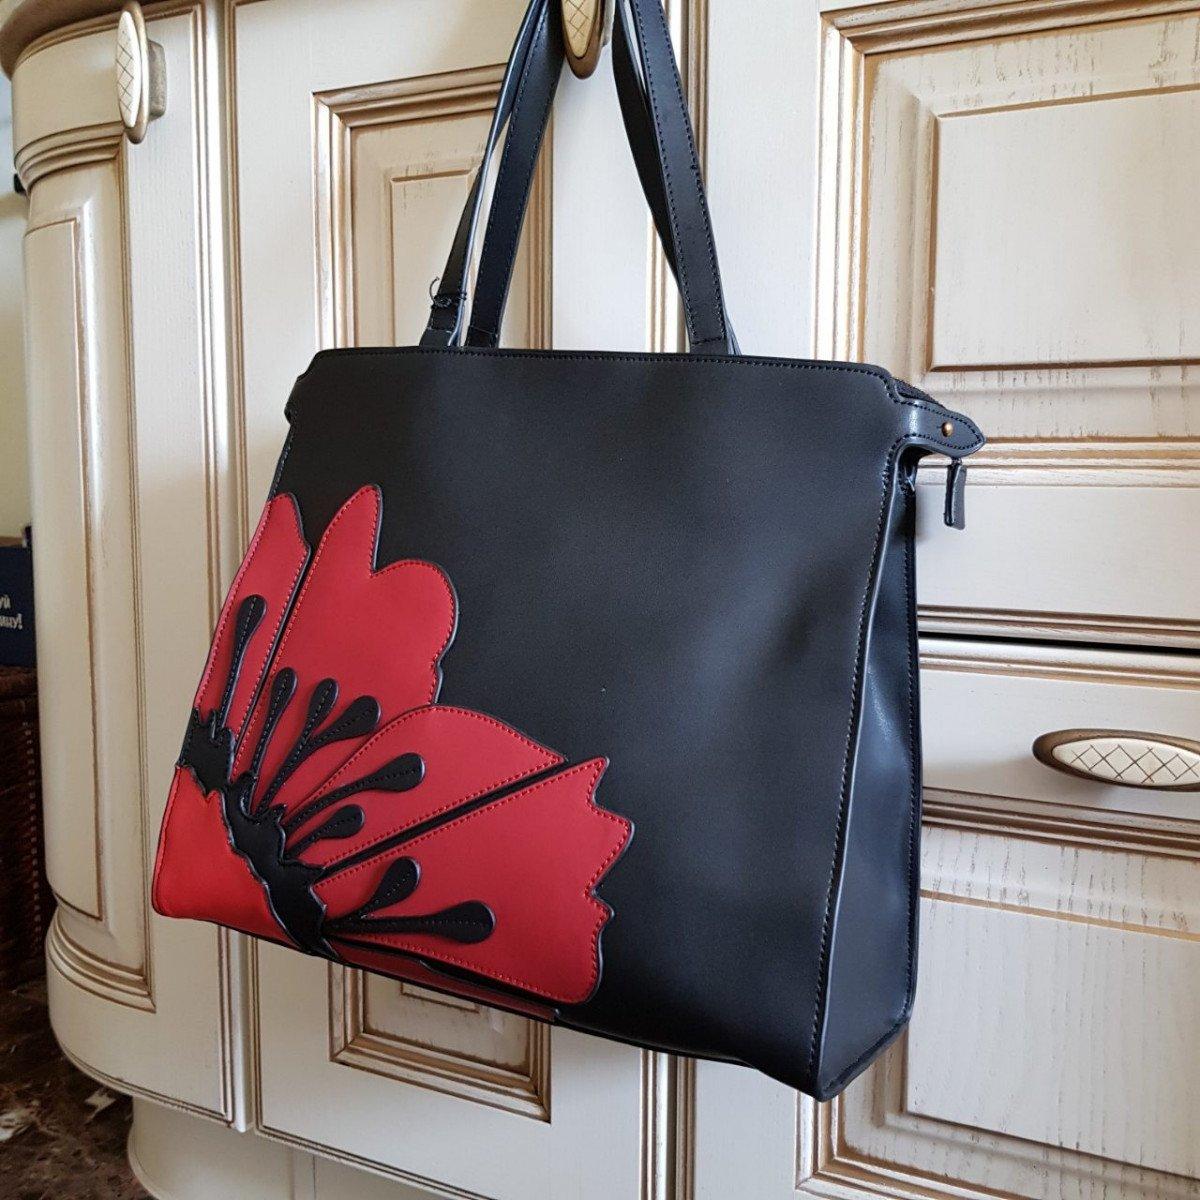 Женская кожаная сумка Tosca Blu TF19PB311 black dark red из натуральной кожи